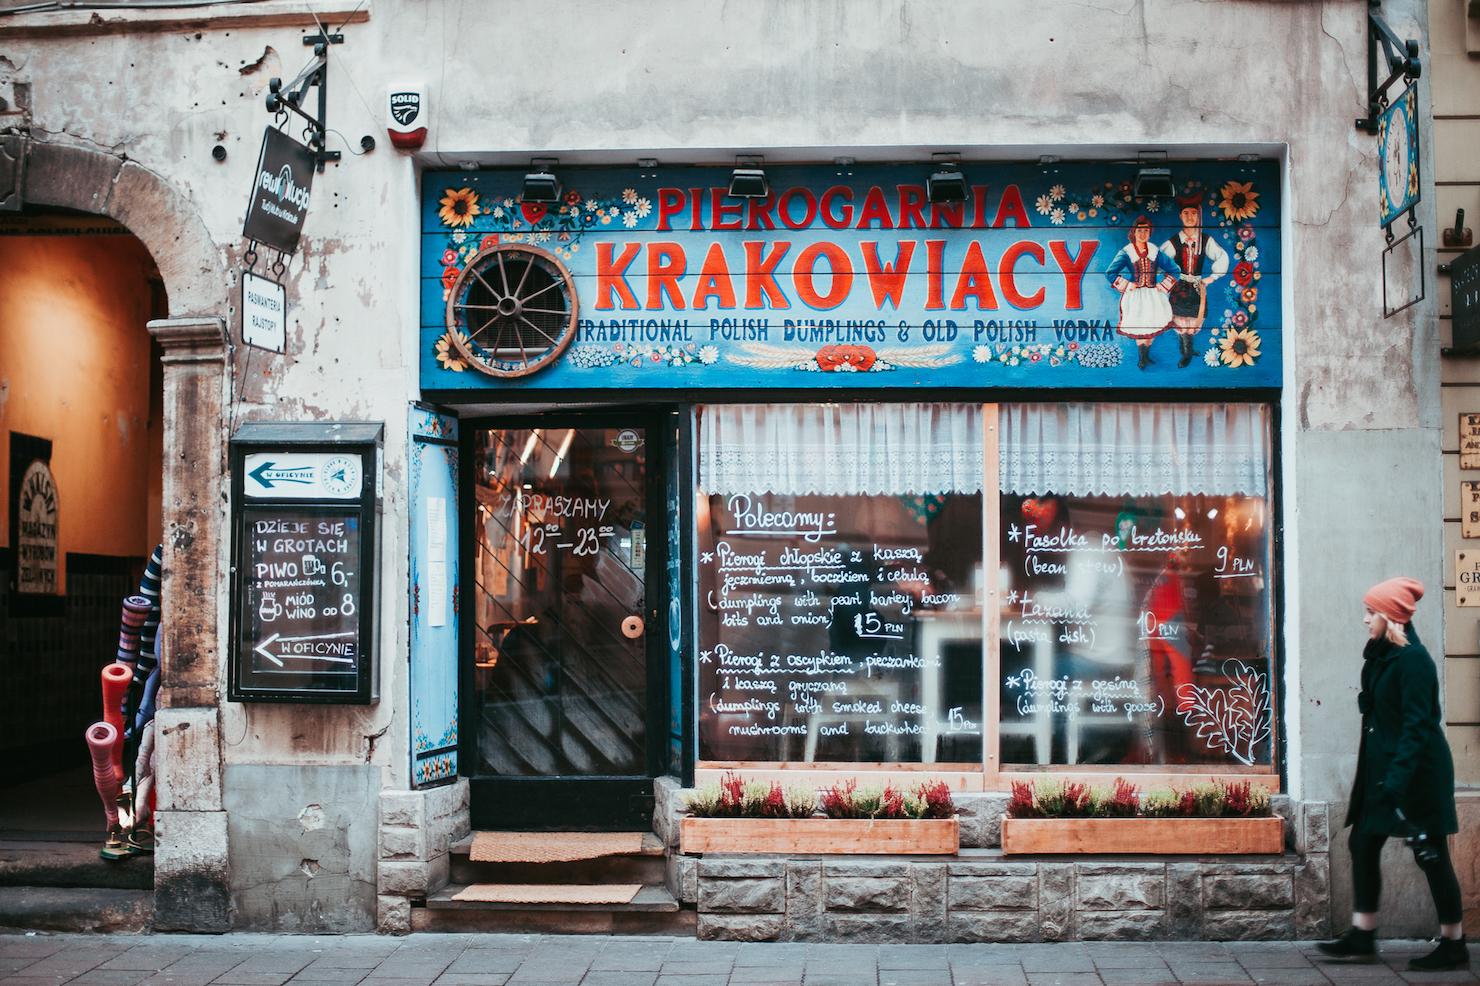 Pierogarnia Krakowiacy, Krakow